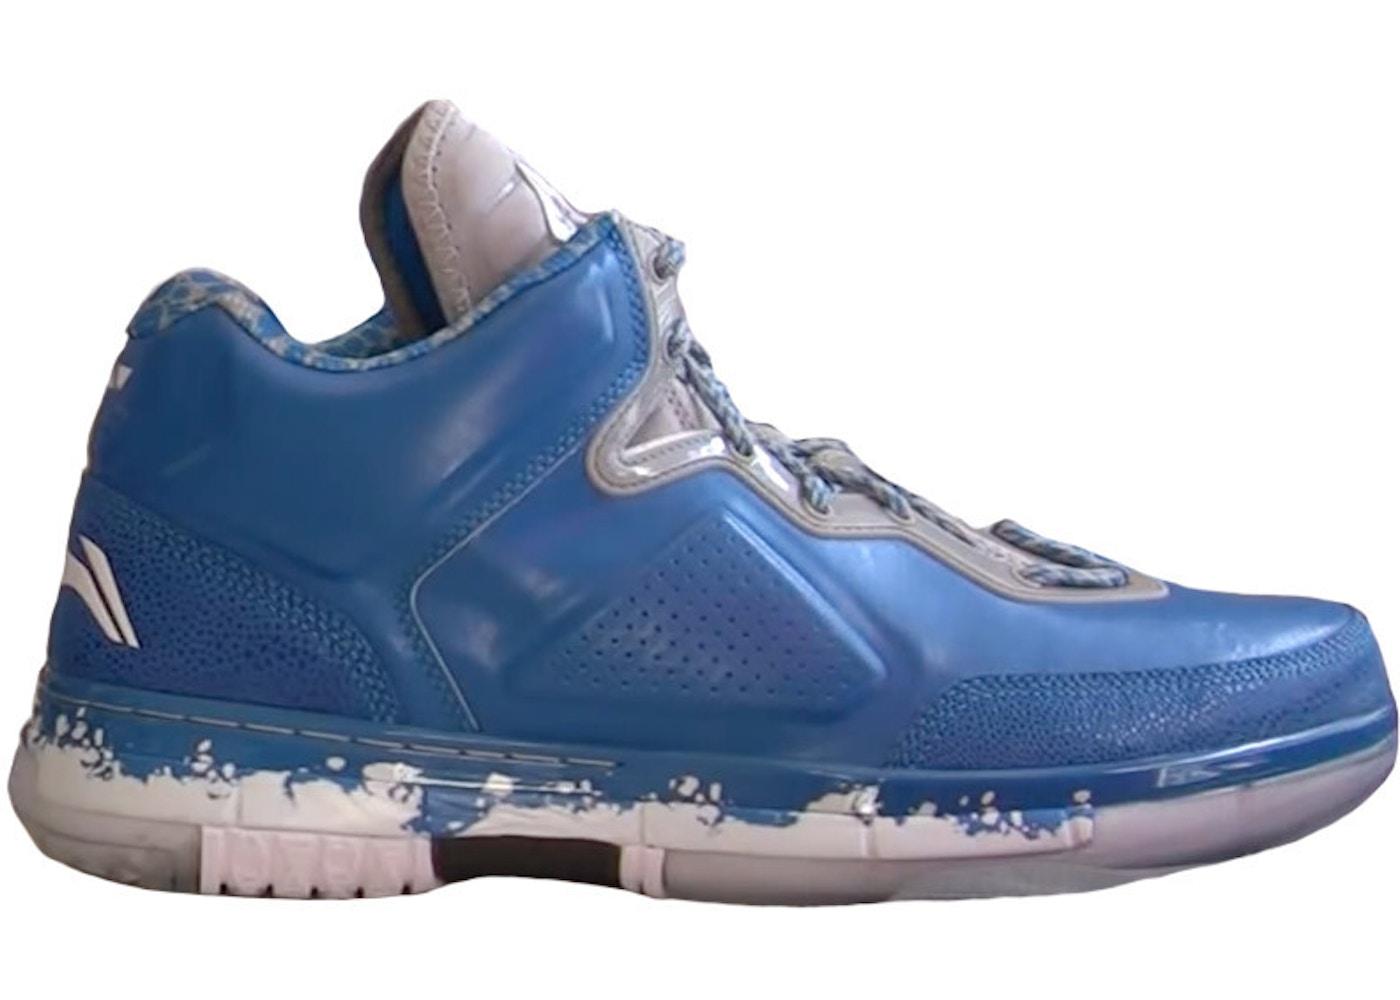 newest b81e6 c6e01 Li Ning Footwear - Buy Deadstock Sneakers